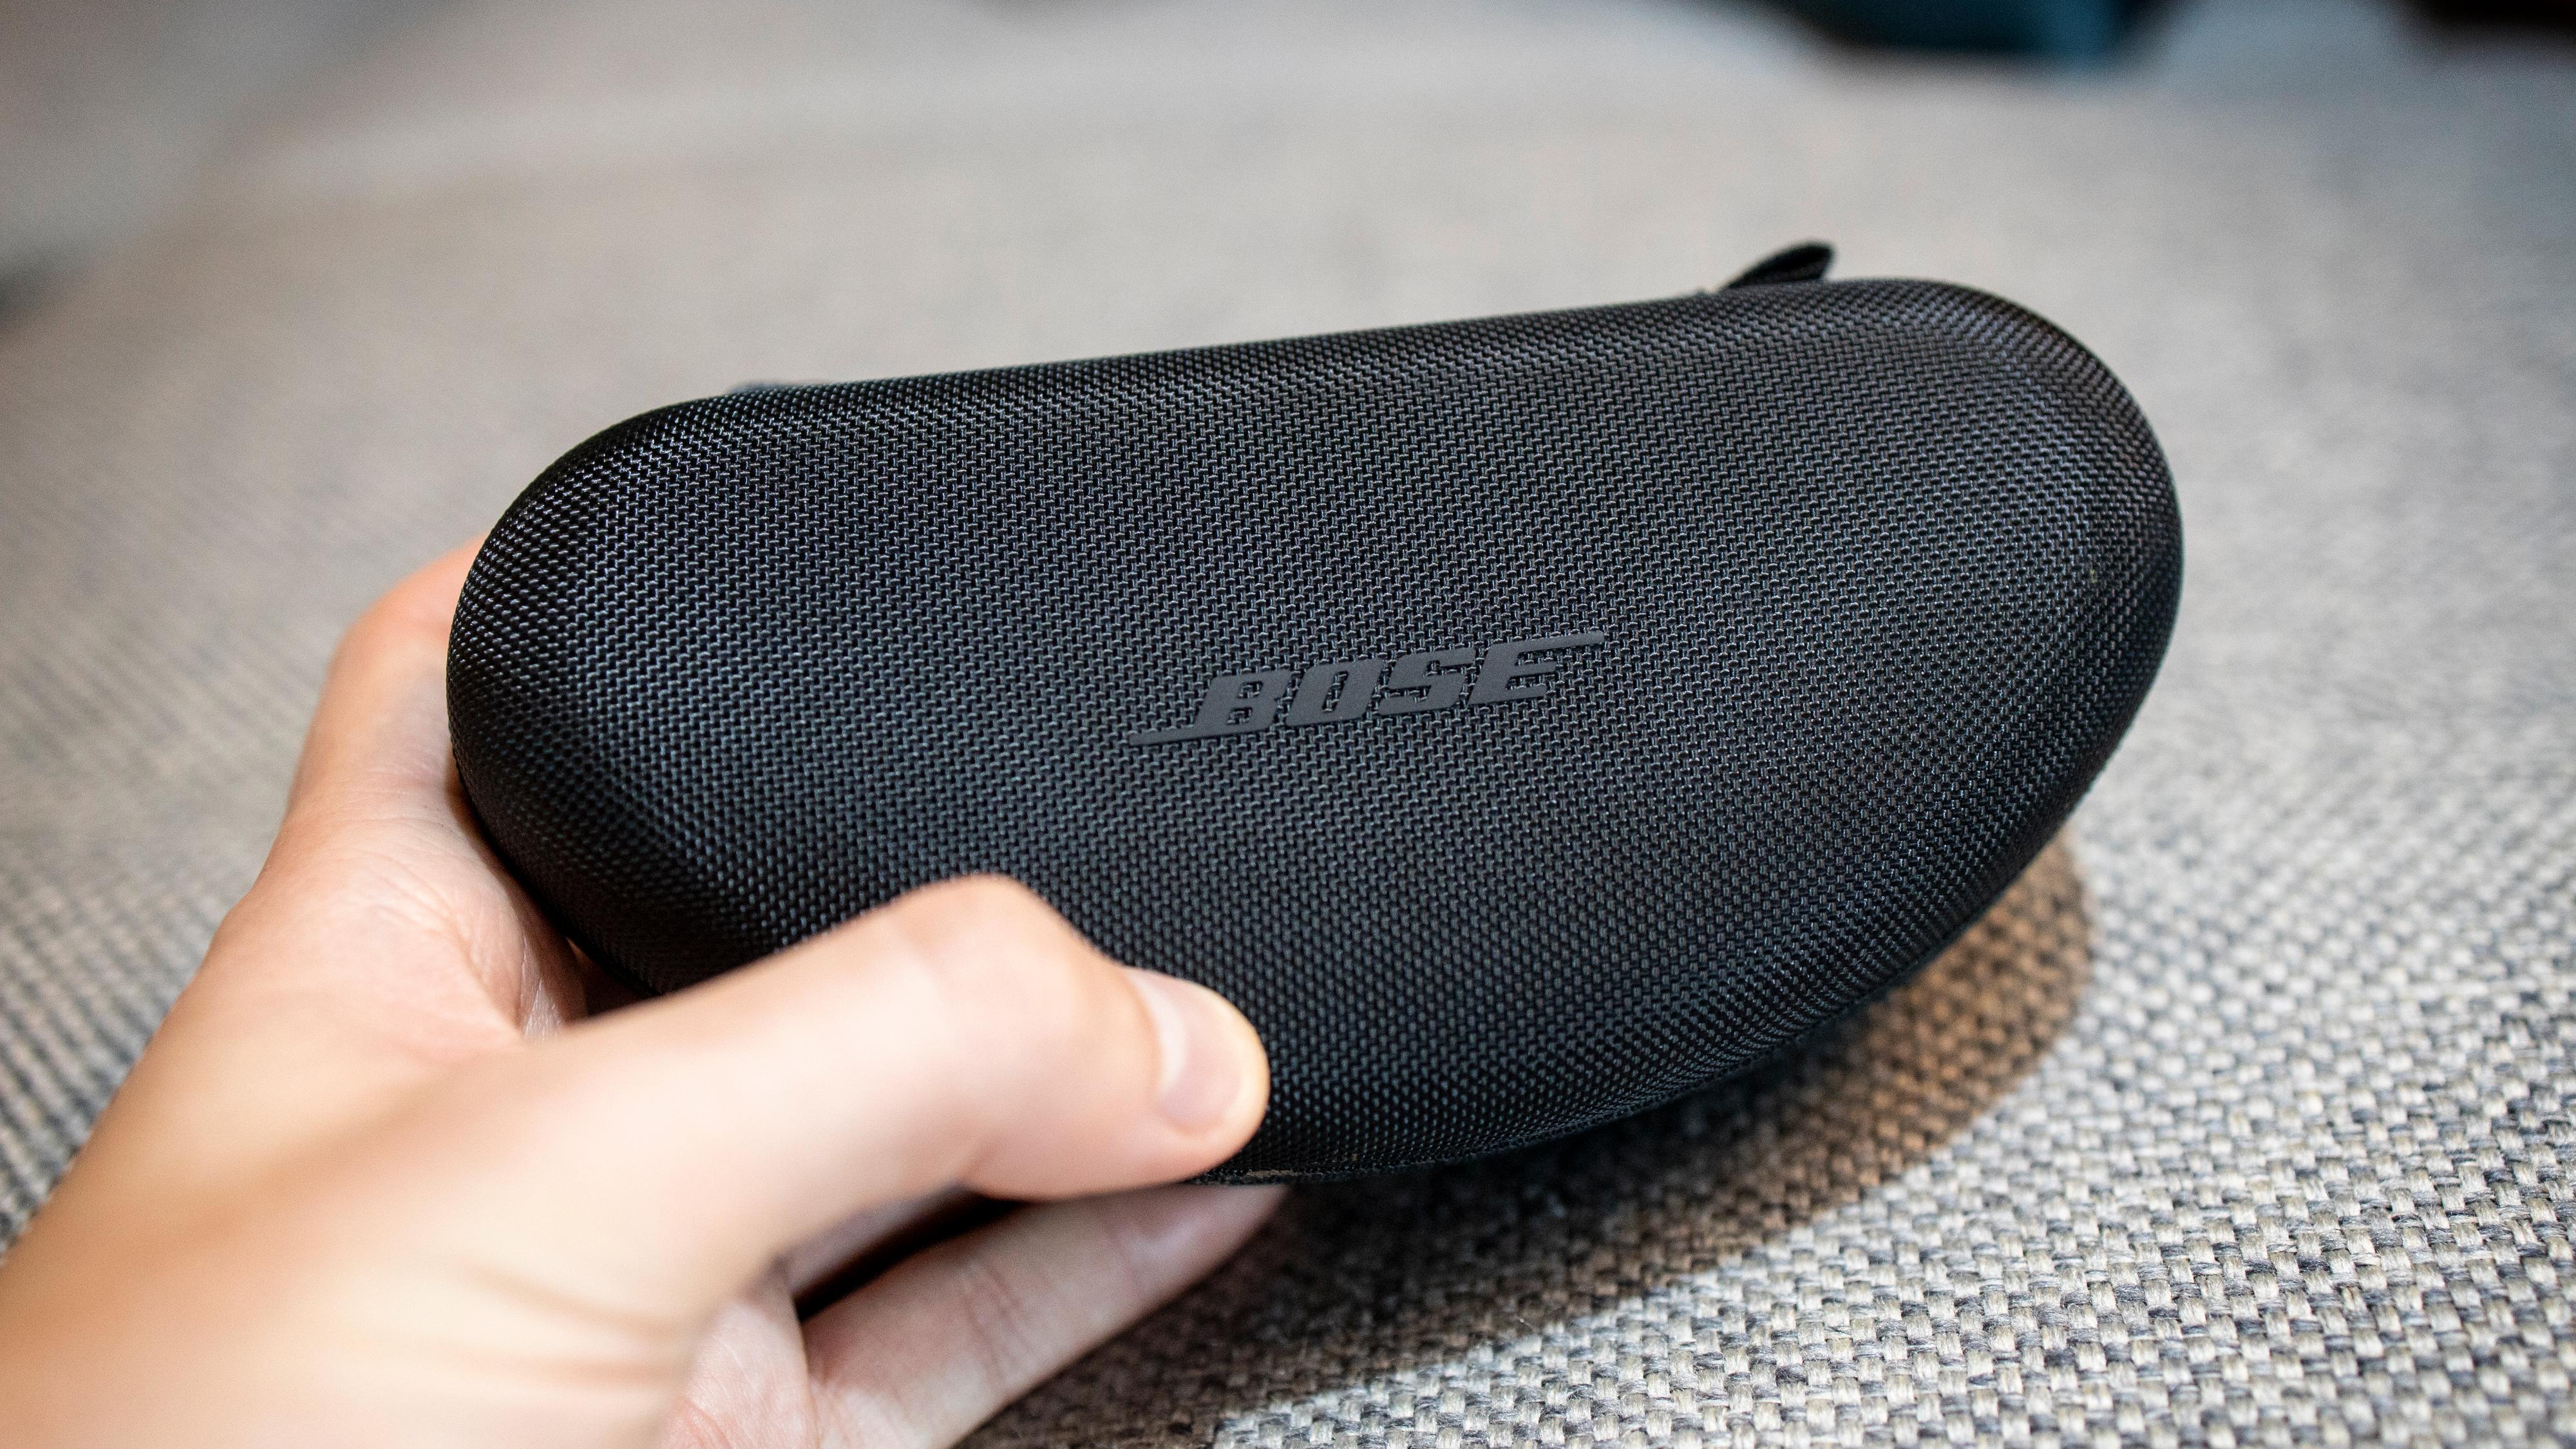 Det følger med et kompakt hardplastetui som også har en liten lomme til ladekabel. Tre ulike størrelser neseputer følger også med.